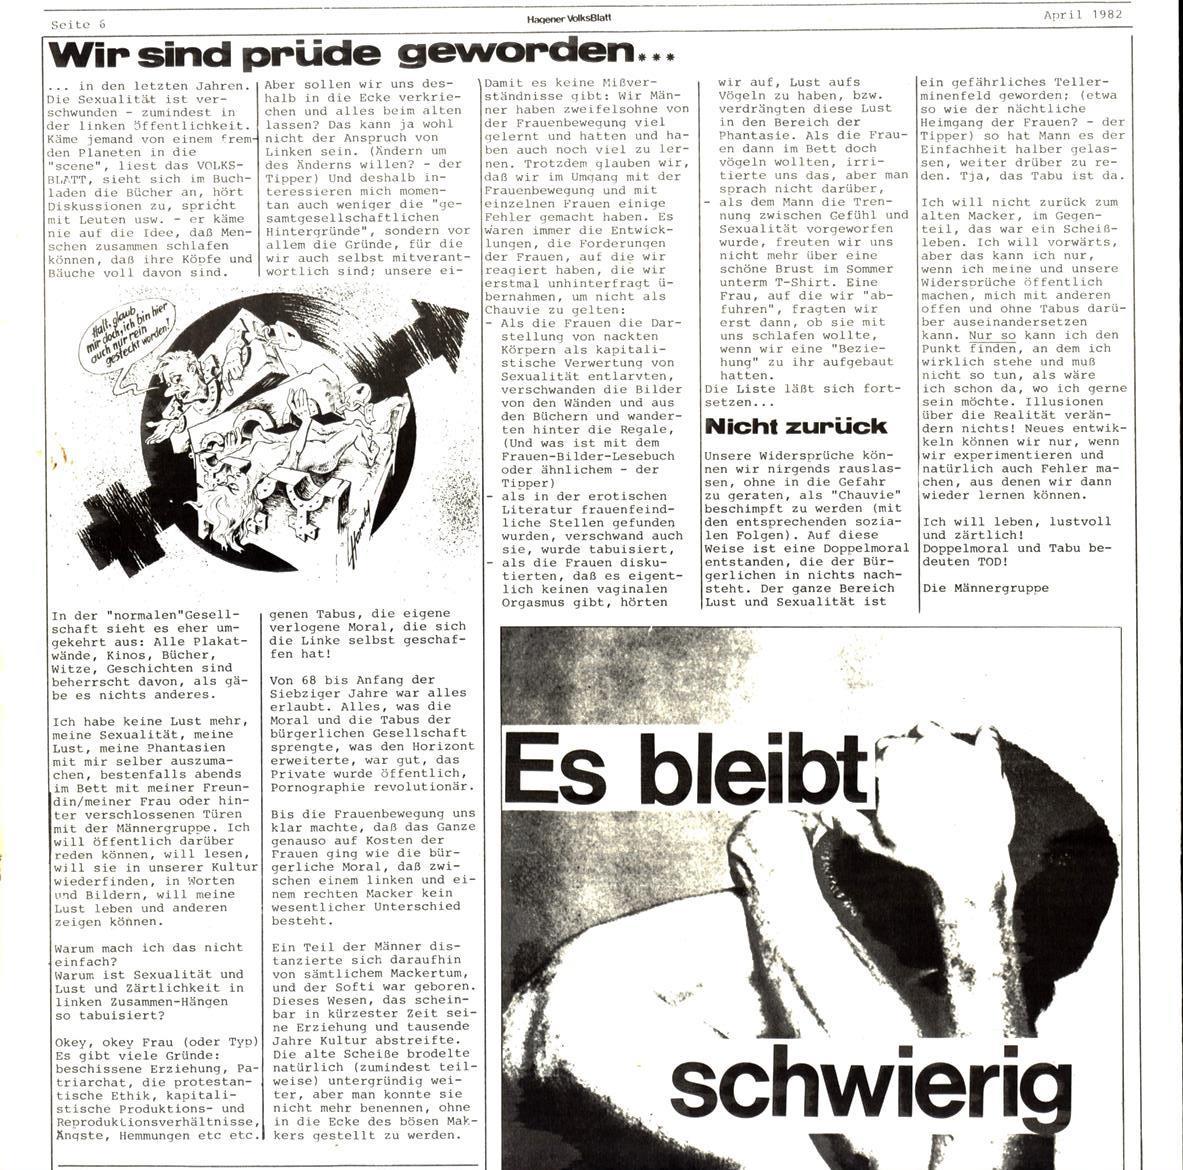 Hagen_Volksblatt_19820400_10